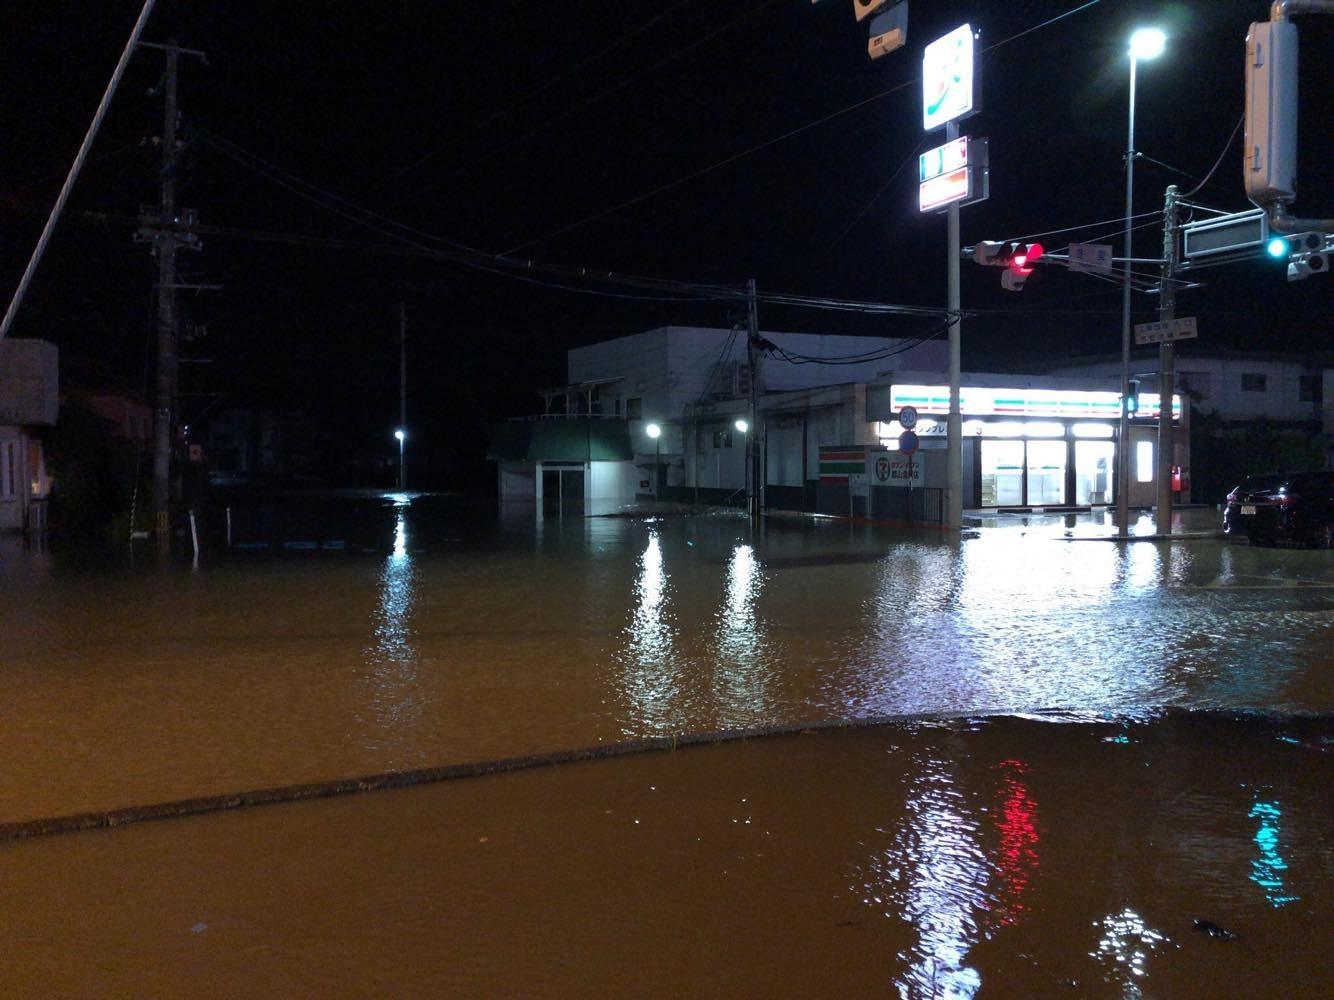 郡山 市 台風 被害 郡山市洪水ハザードマップ/郡山市公式ウェブサイト